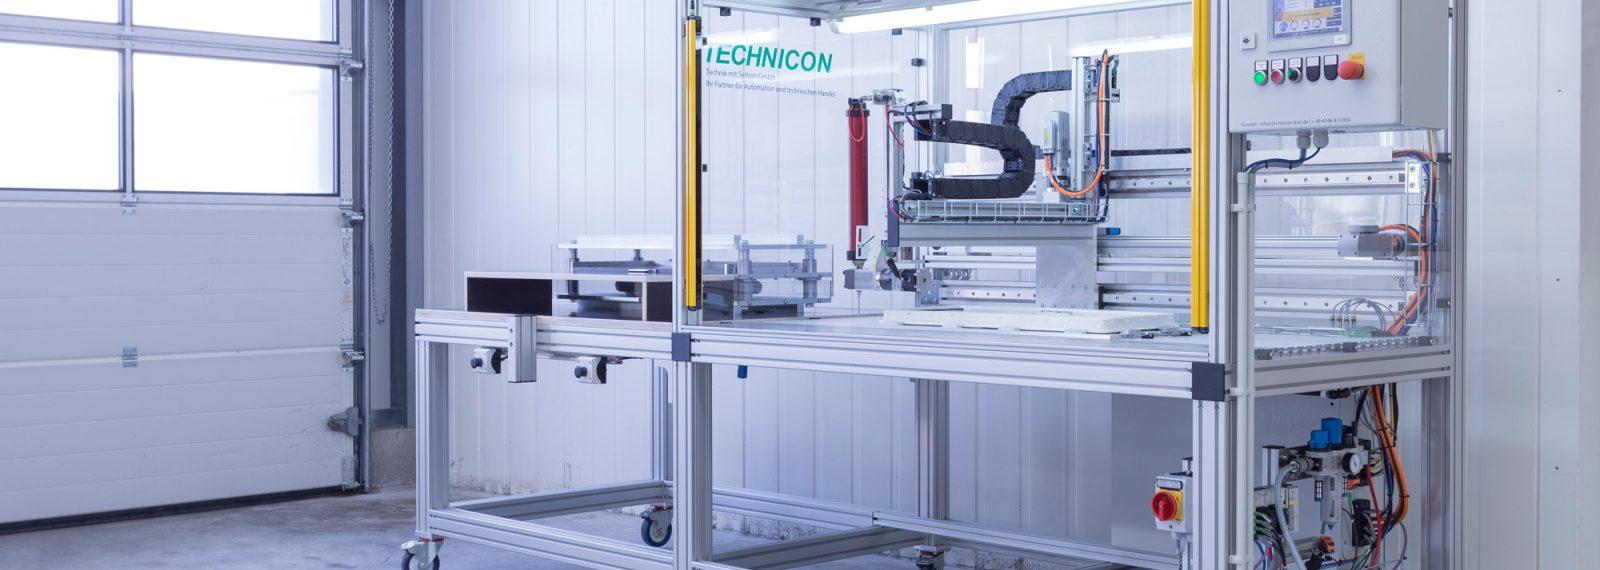 CNC-adhesive-sealant-dispensing-kontur-klebstoffauftrag